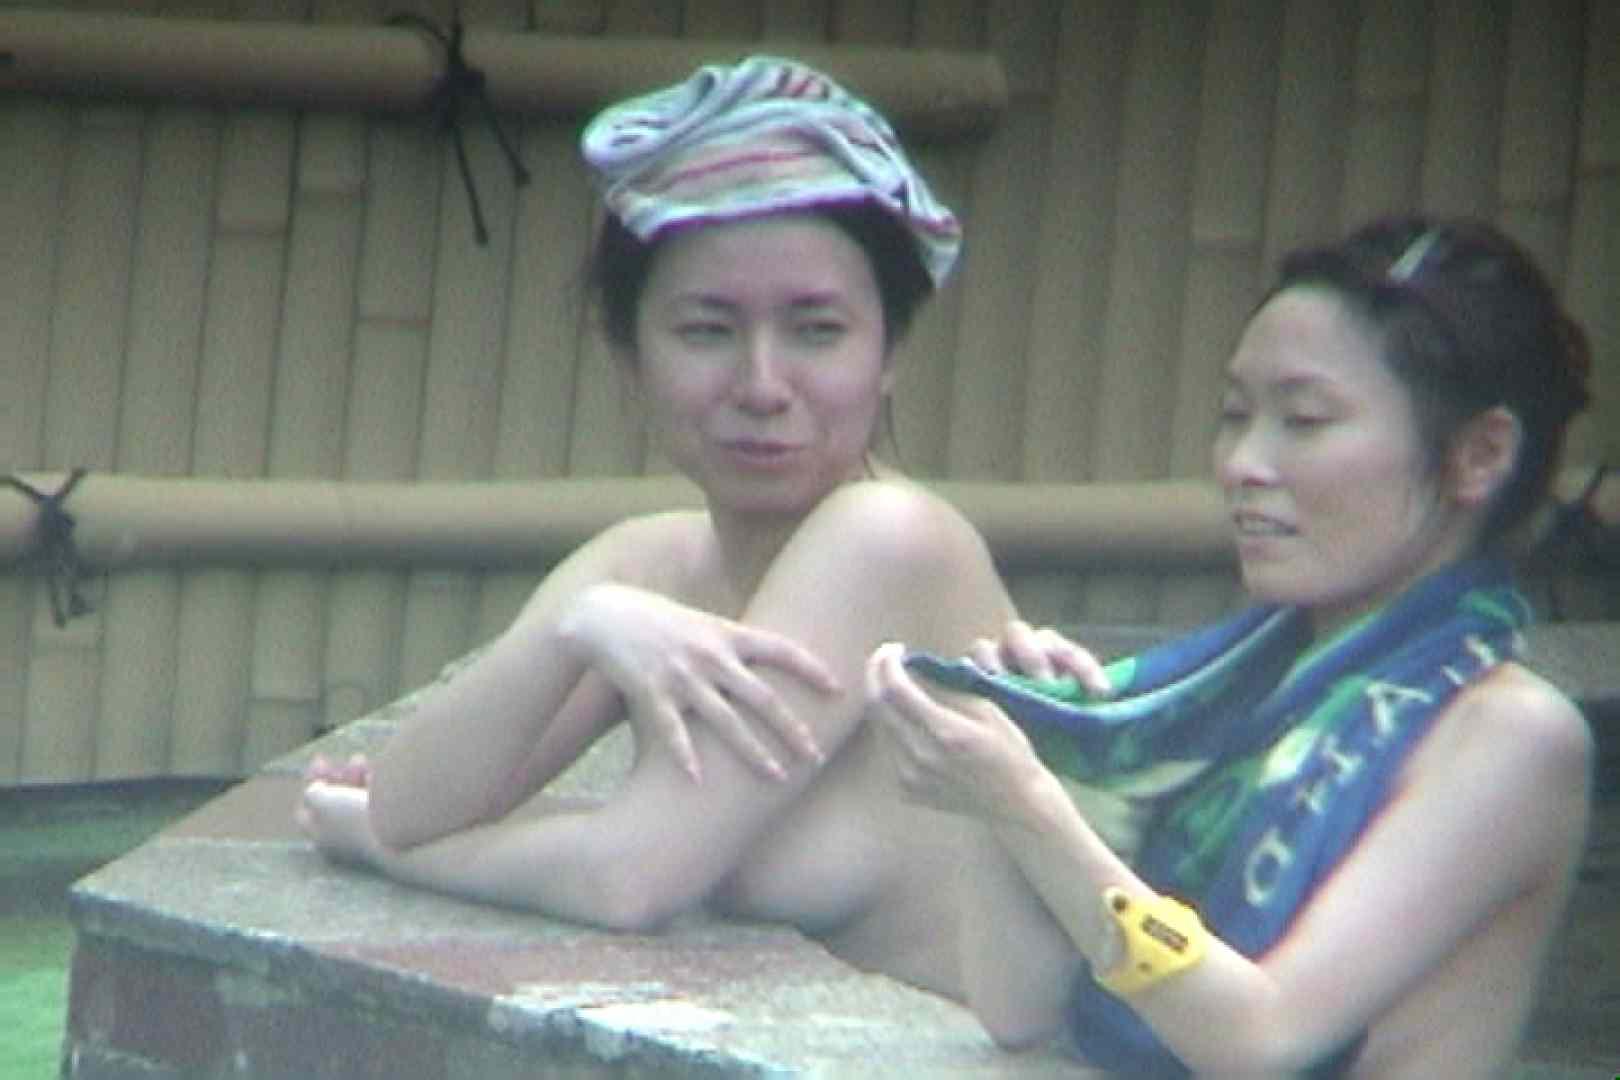 Aquaな露天風呂Vol.106 露天  51画像 21